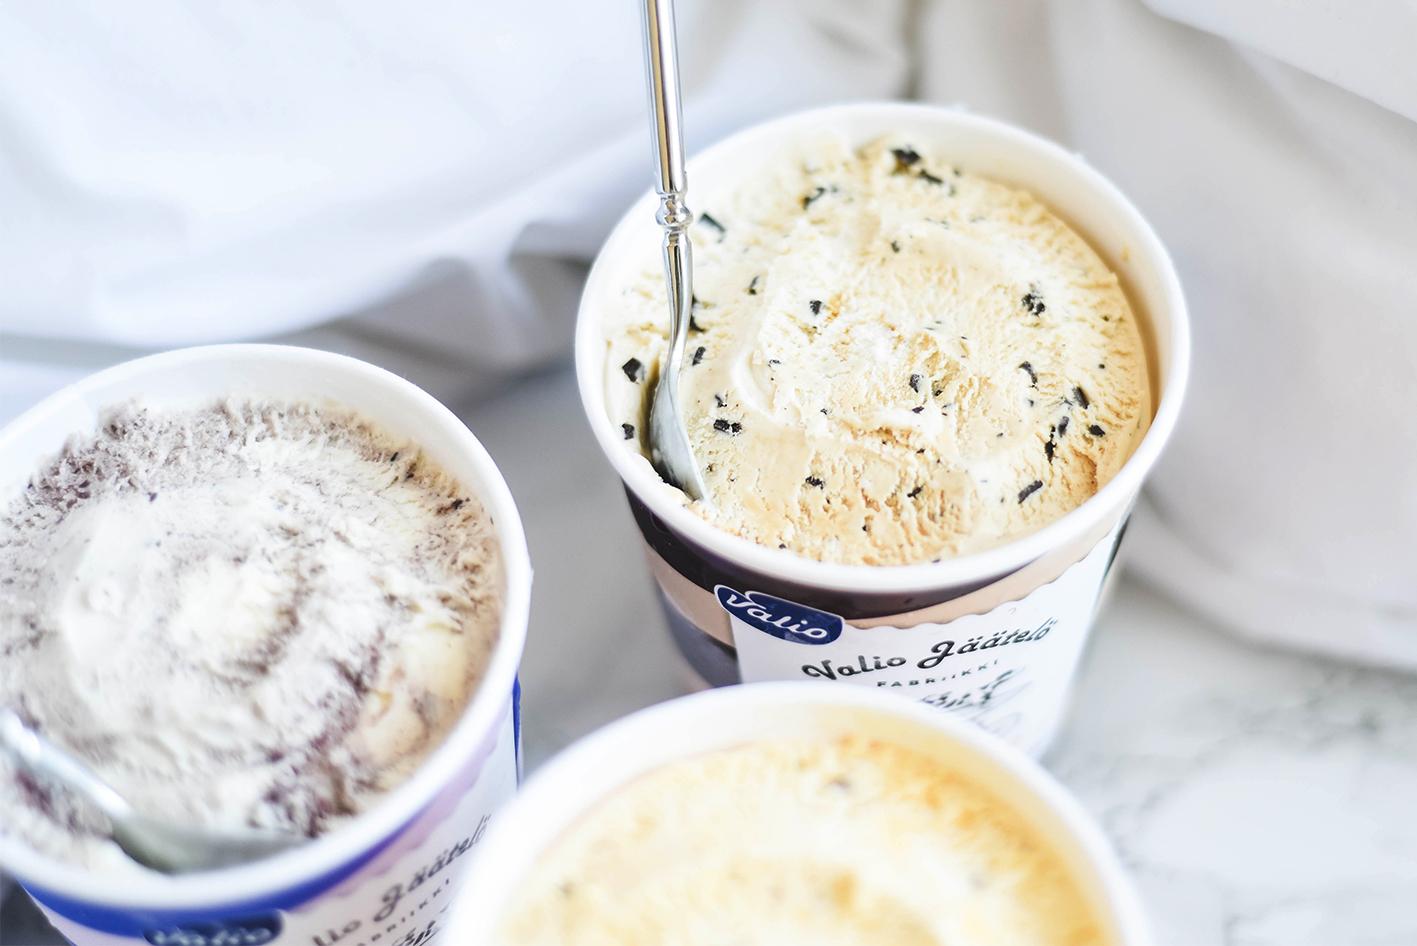 valio-jäätelöfabriikki-jäätelö-icecream-testissä-sundayblondie-5.jpg